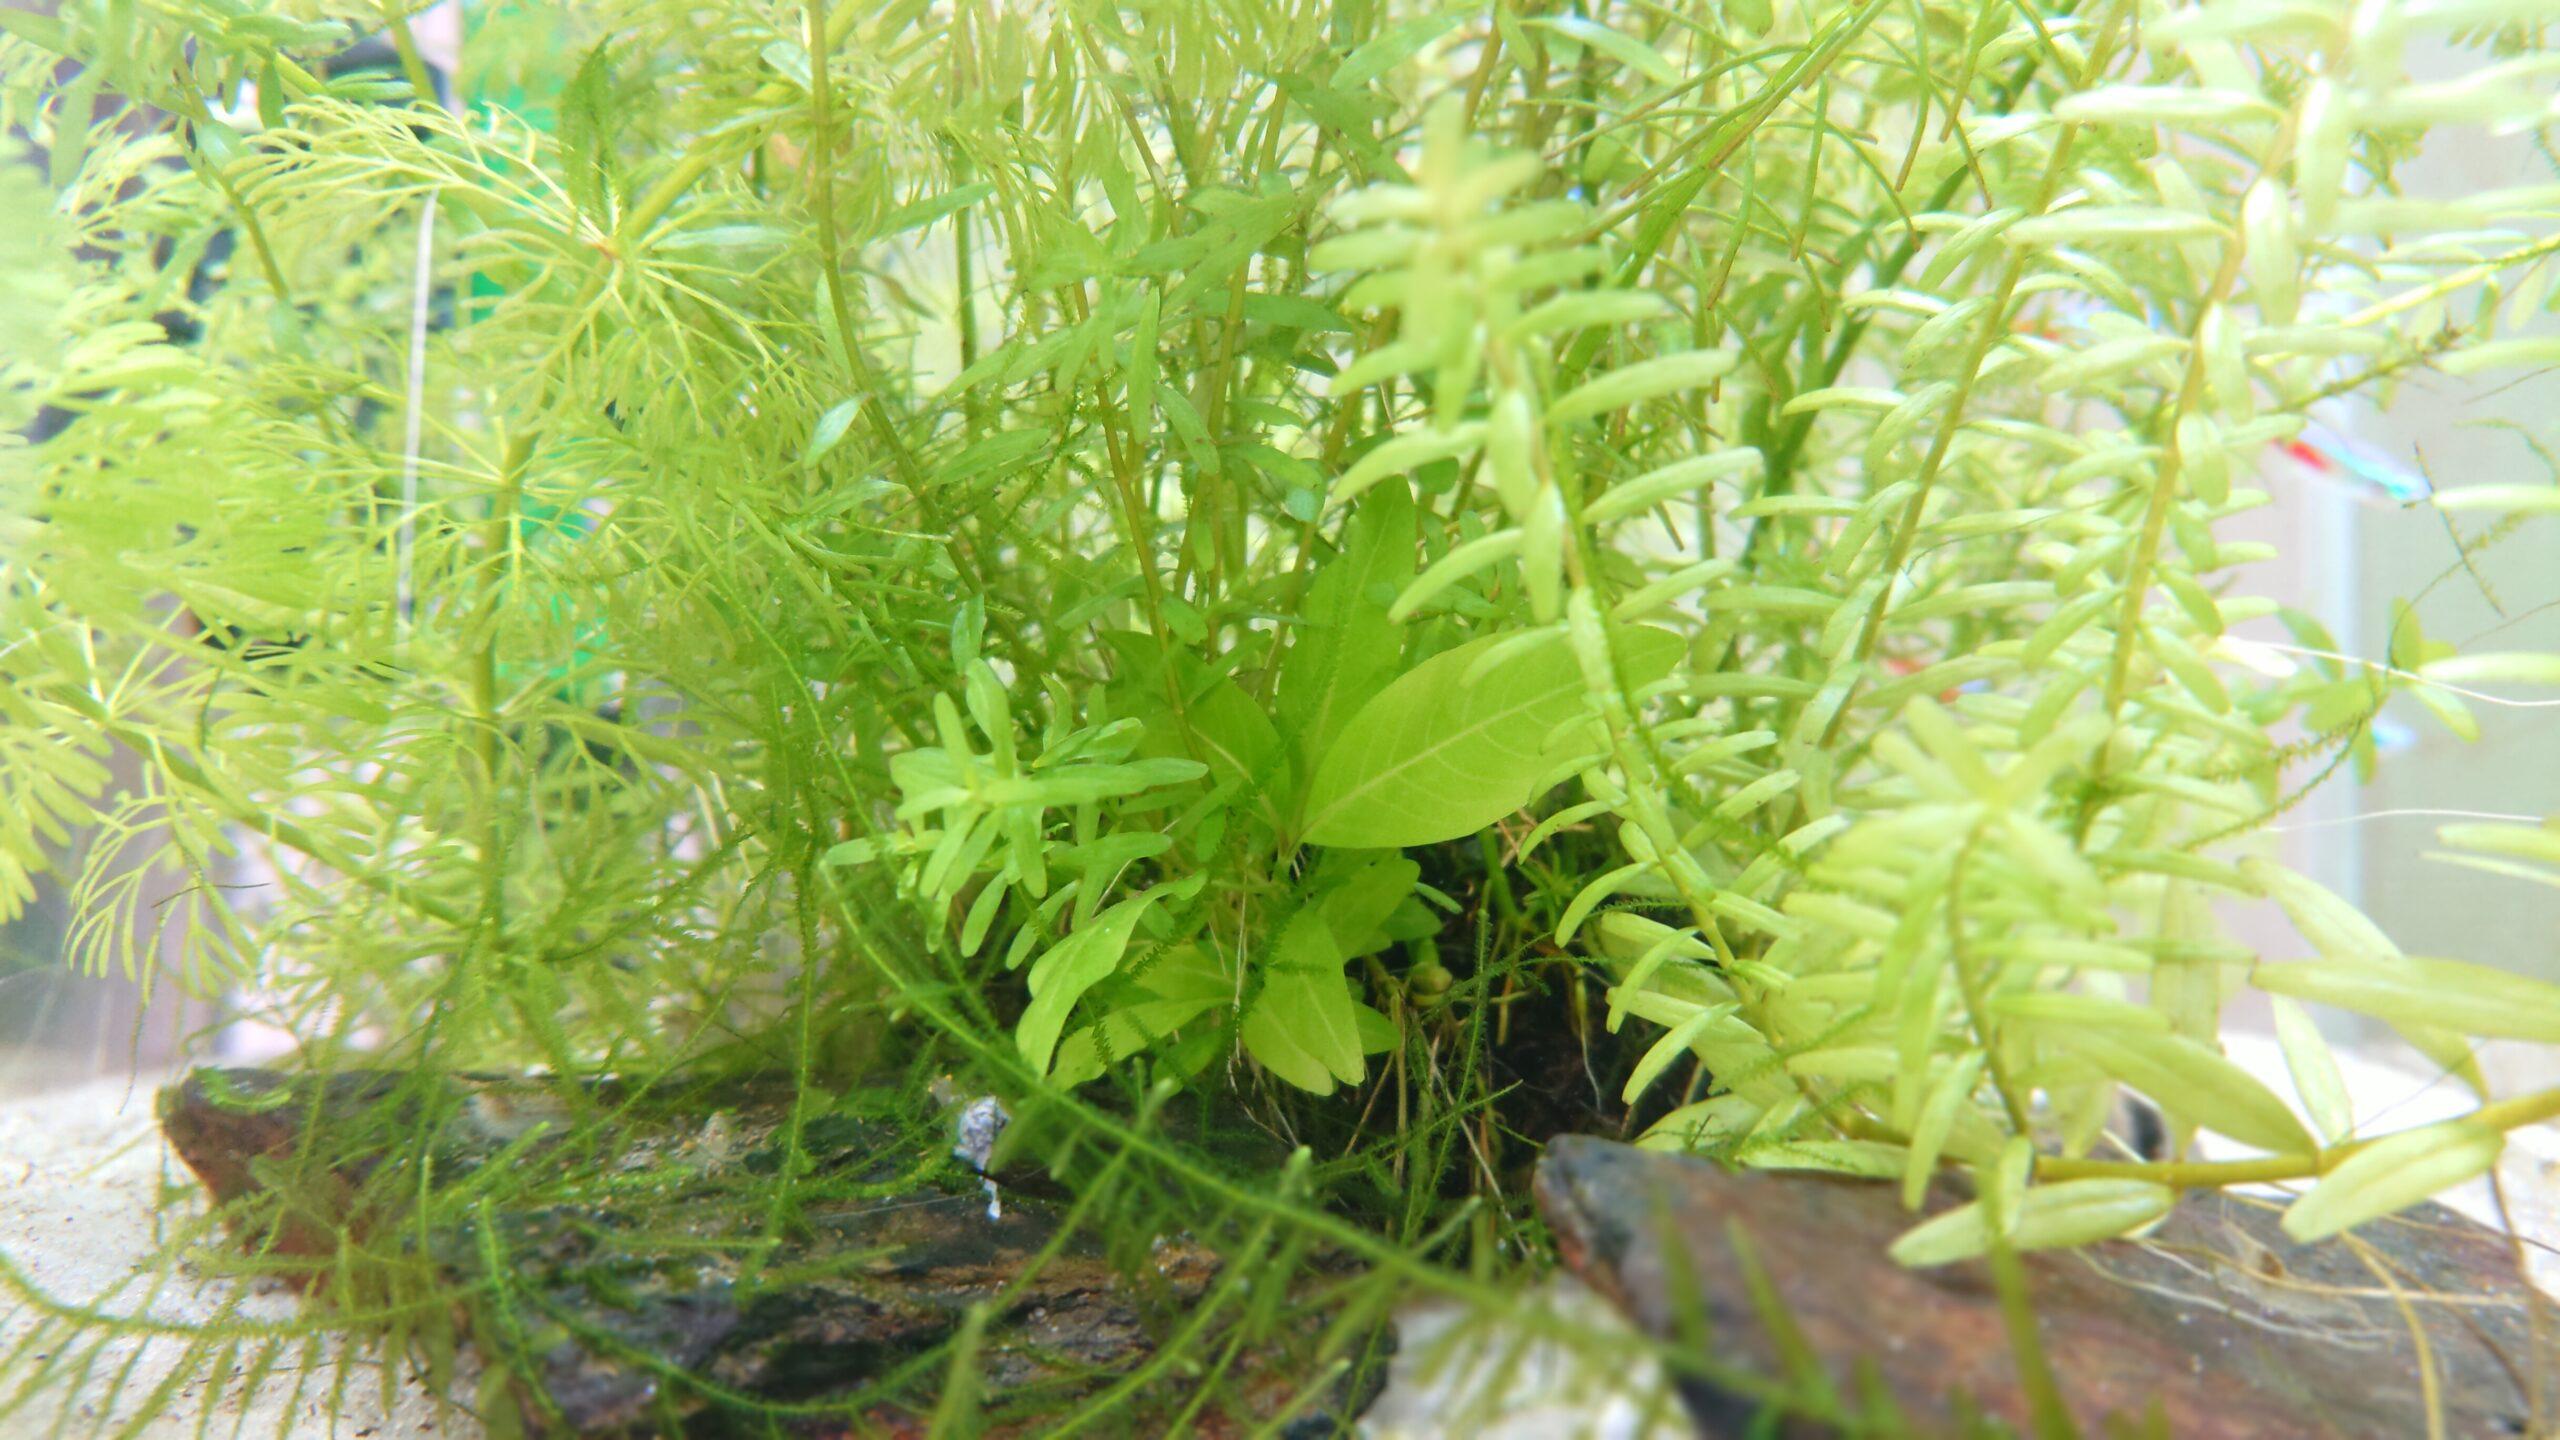 侘び草の土台になる玉のアップ。水草が生い茂っているので見えませんが、土が崩れているような様子はありません。